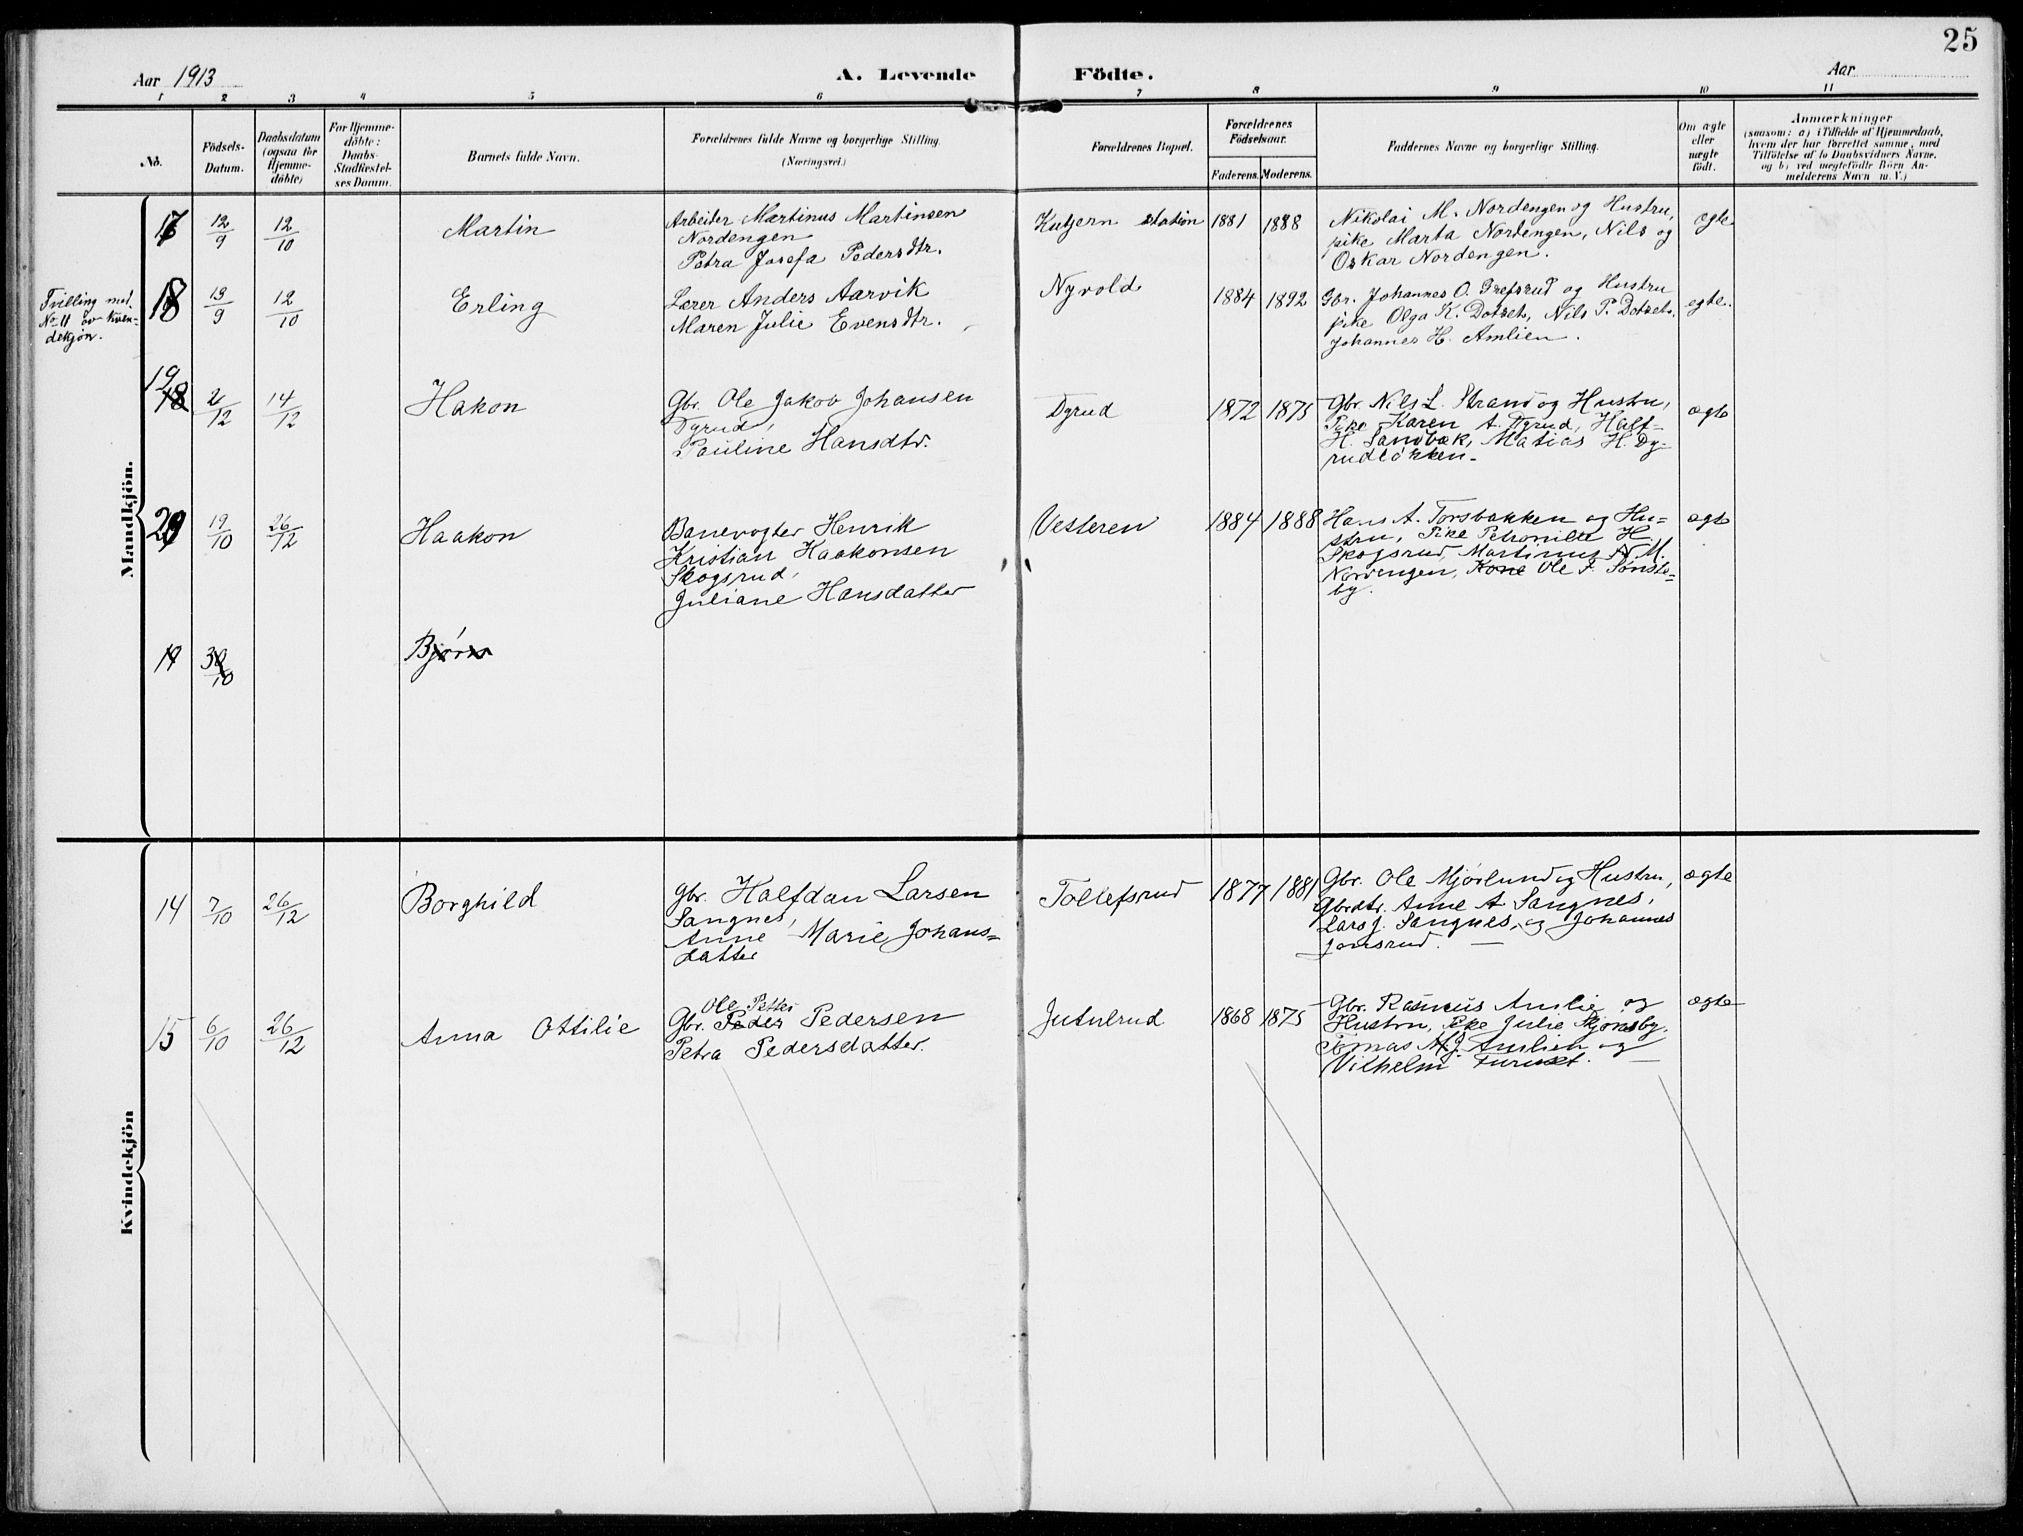 SAH, Kolbu prestekontor, Ministerialbok nr. 1, 1907-1923, s. 25